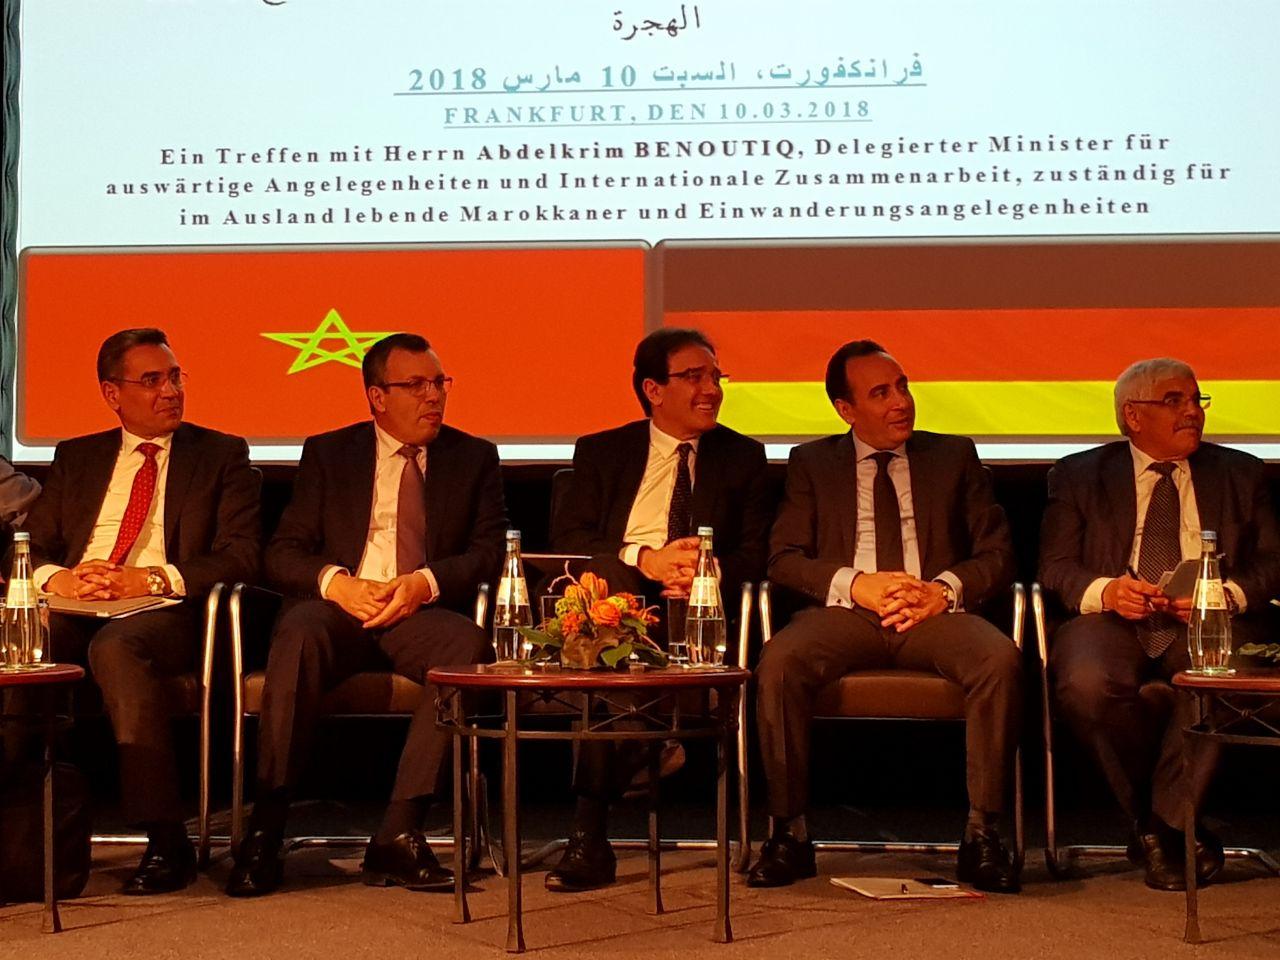 الوزير بنعتيق بفرانكفورت للتواصل مع مغاربة ألمانيا